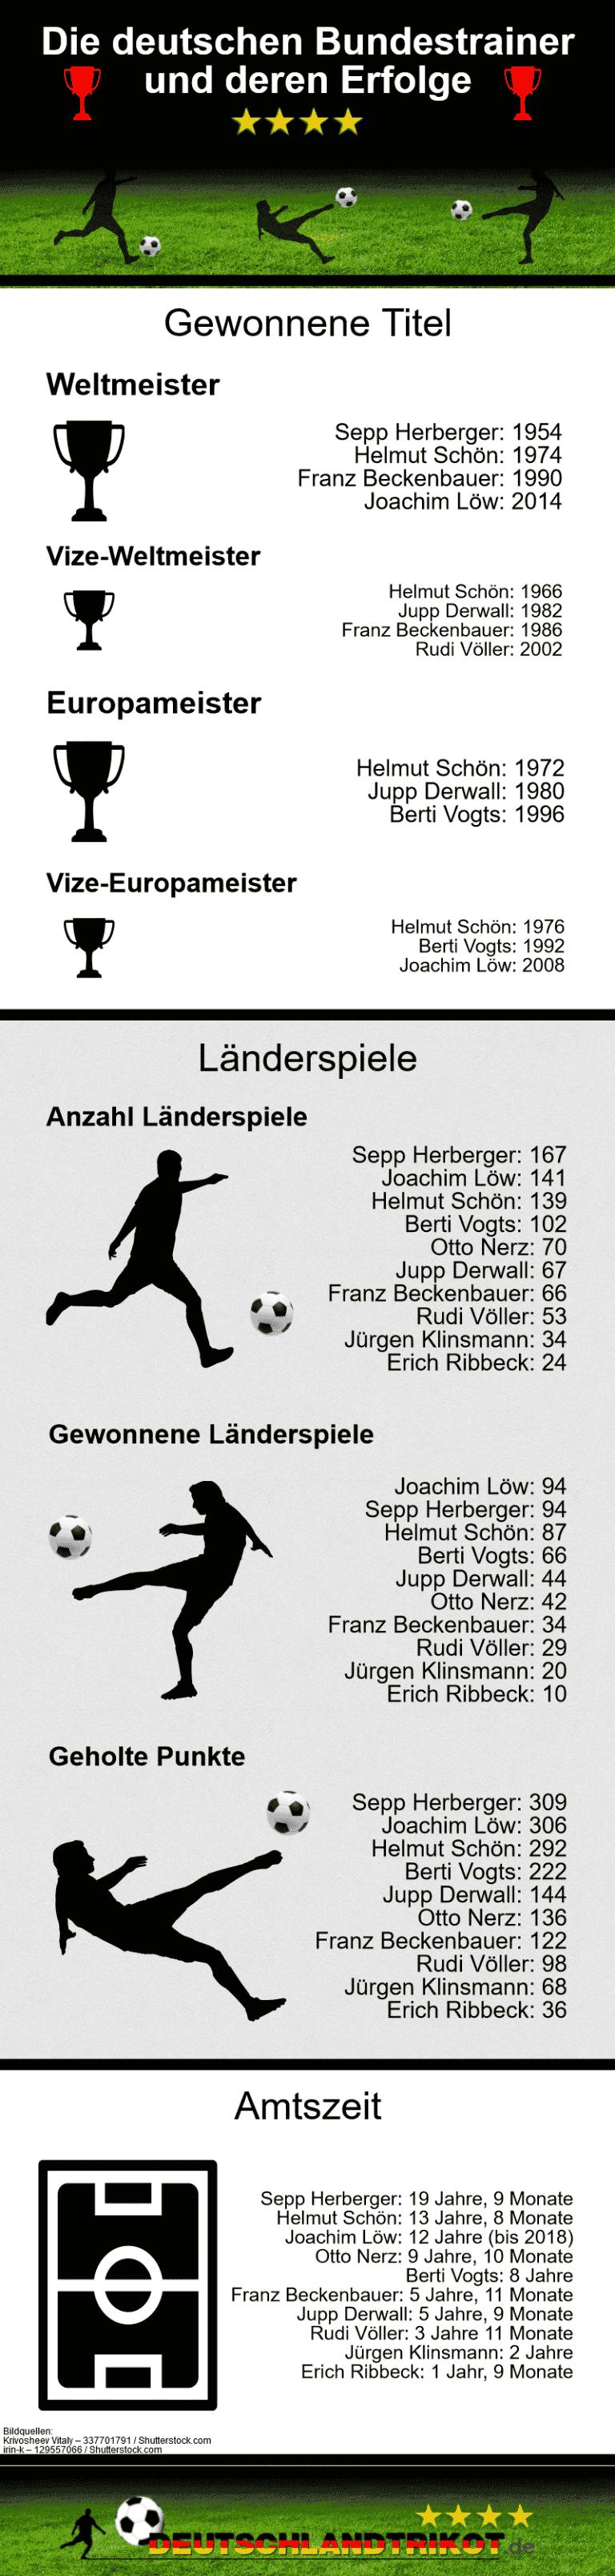 Joachim Löw: Wann verlängert er seinen Vertrag?